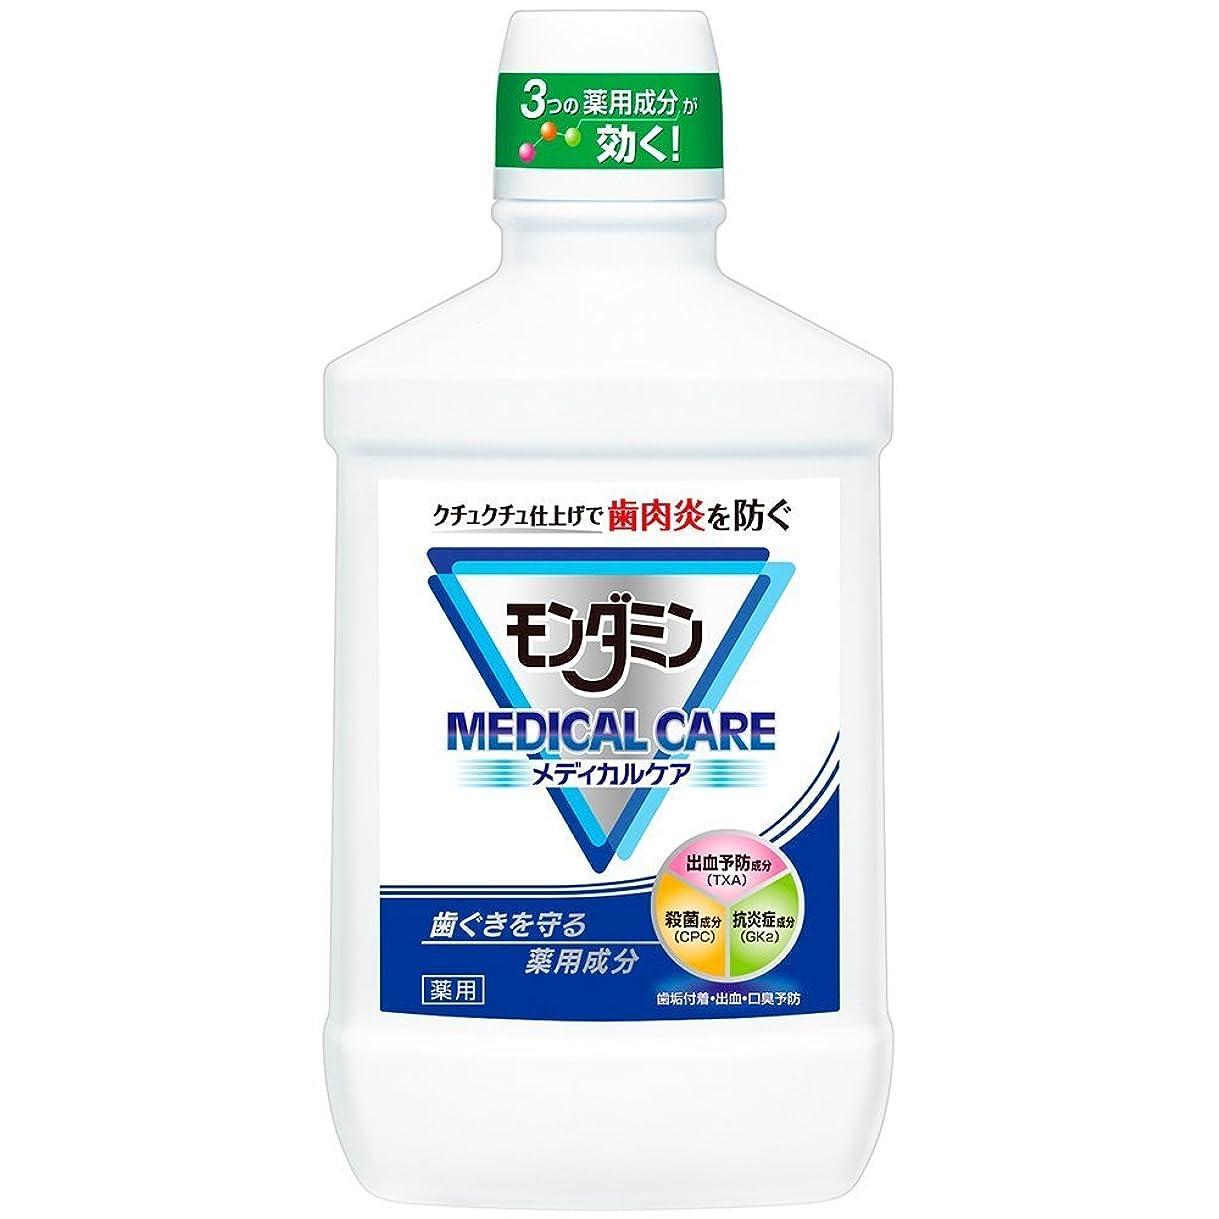 チーフグレートバリアリーフく【アース製薬】モンダミン メディカルケア 1000ml ×5個セット